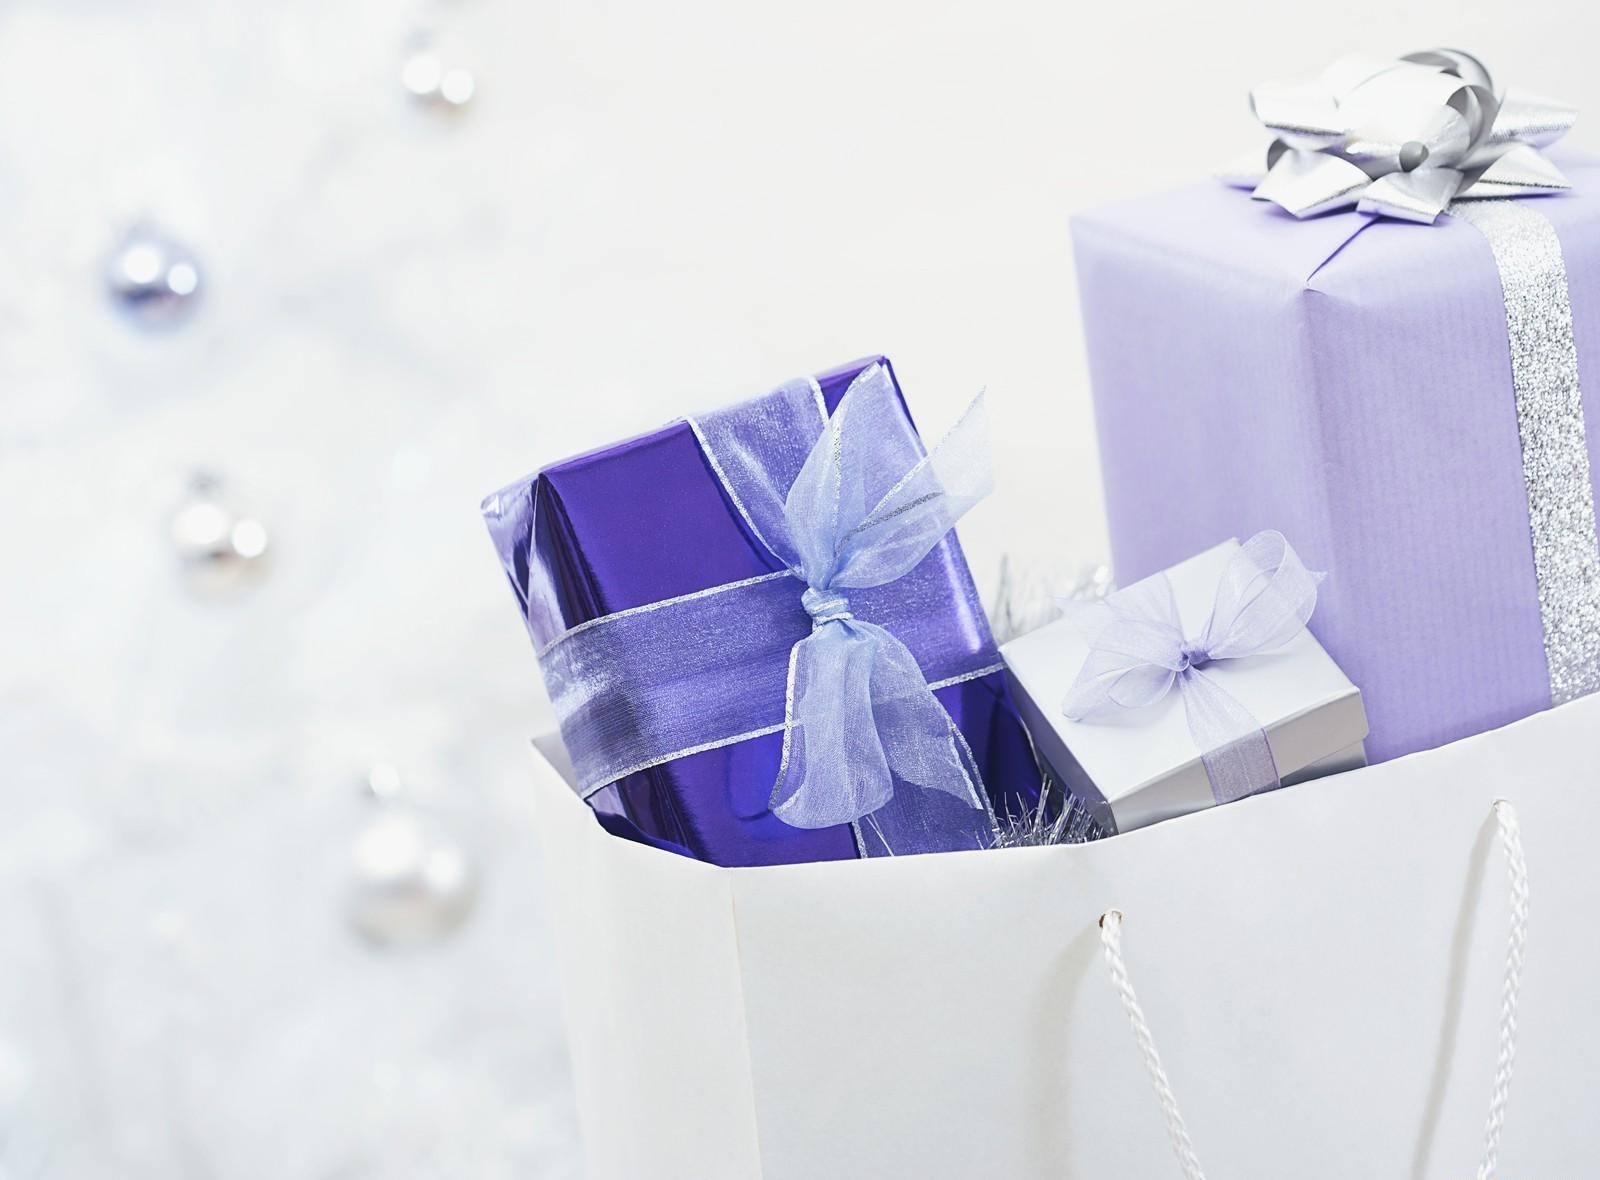 Скачать картинку Пакет, Подарки, Сюрприз, Праздник, Праздники в телефон бесплатно.